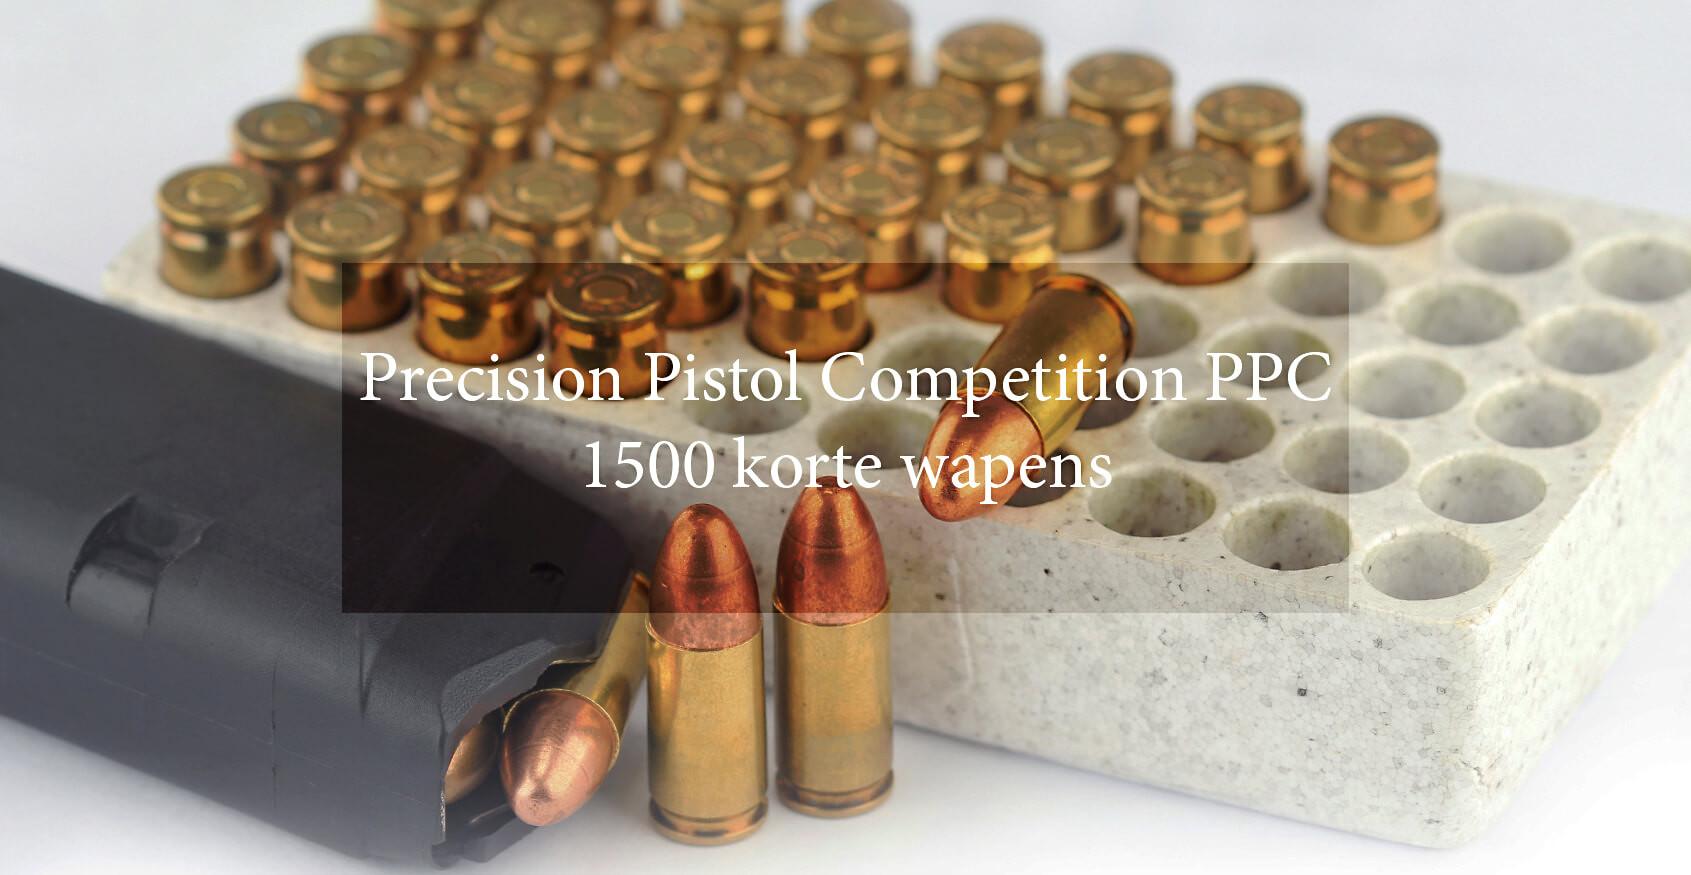 Precision Pistol Competition PPC 1500 Ko